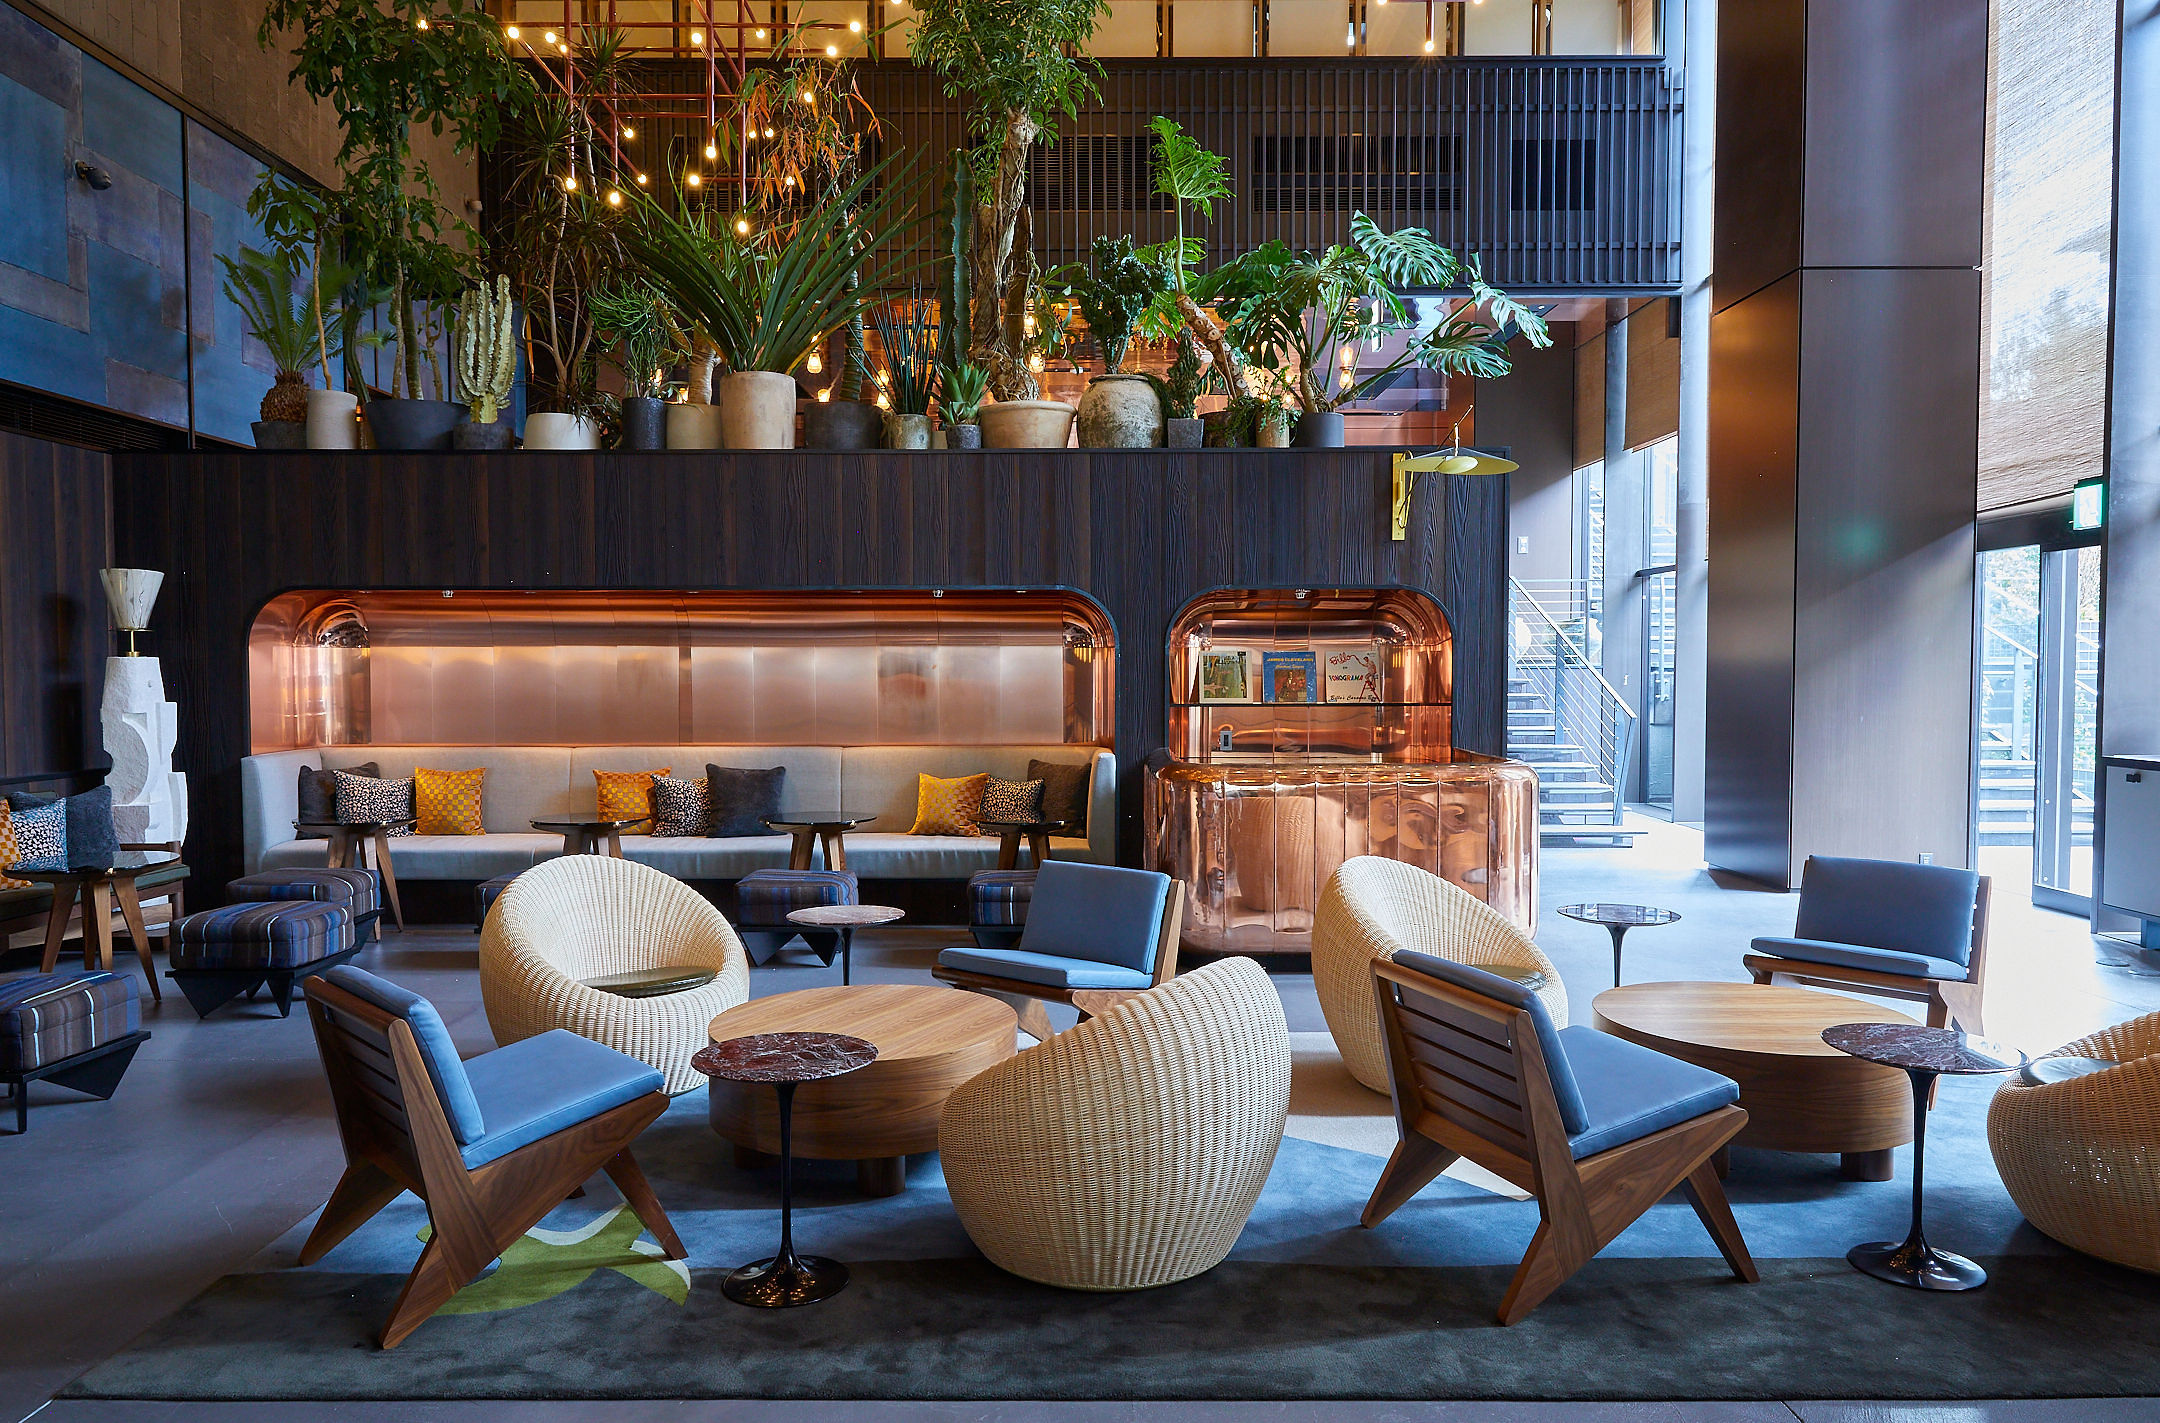 エースホテル京都、プレオープン決定 レストラン詳細も発表